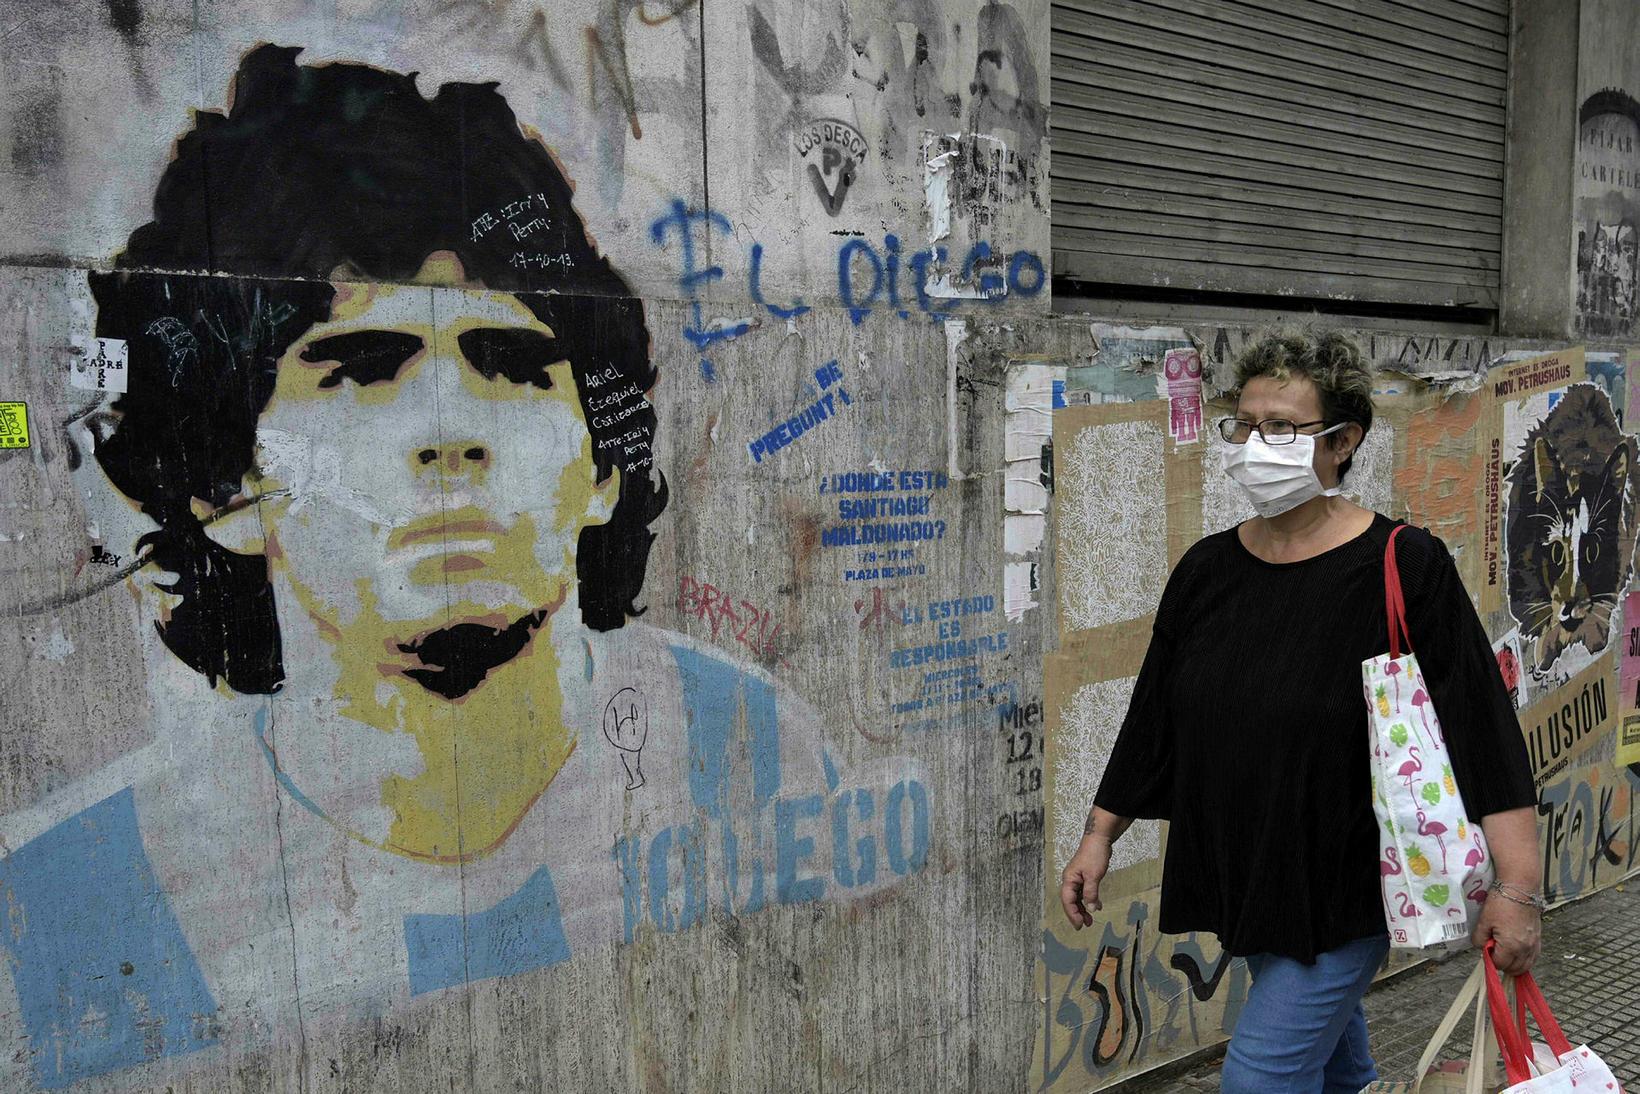 Diego Maradona er dáður og dýrkaður í Argentínu og Napólí.